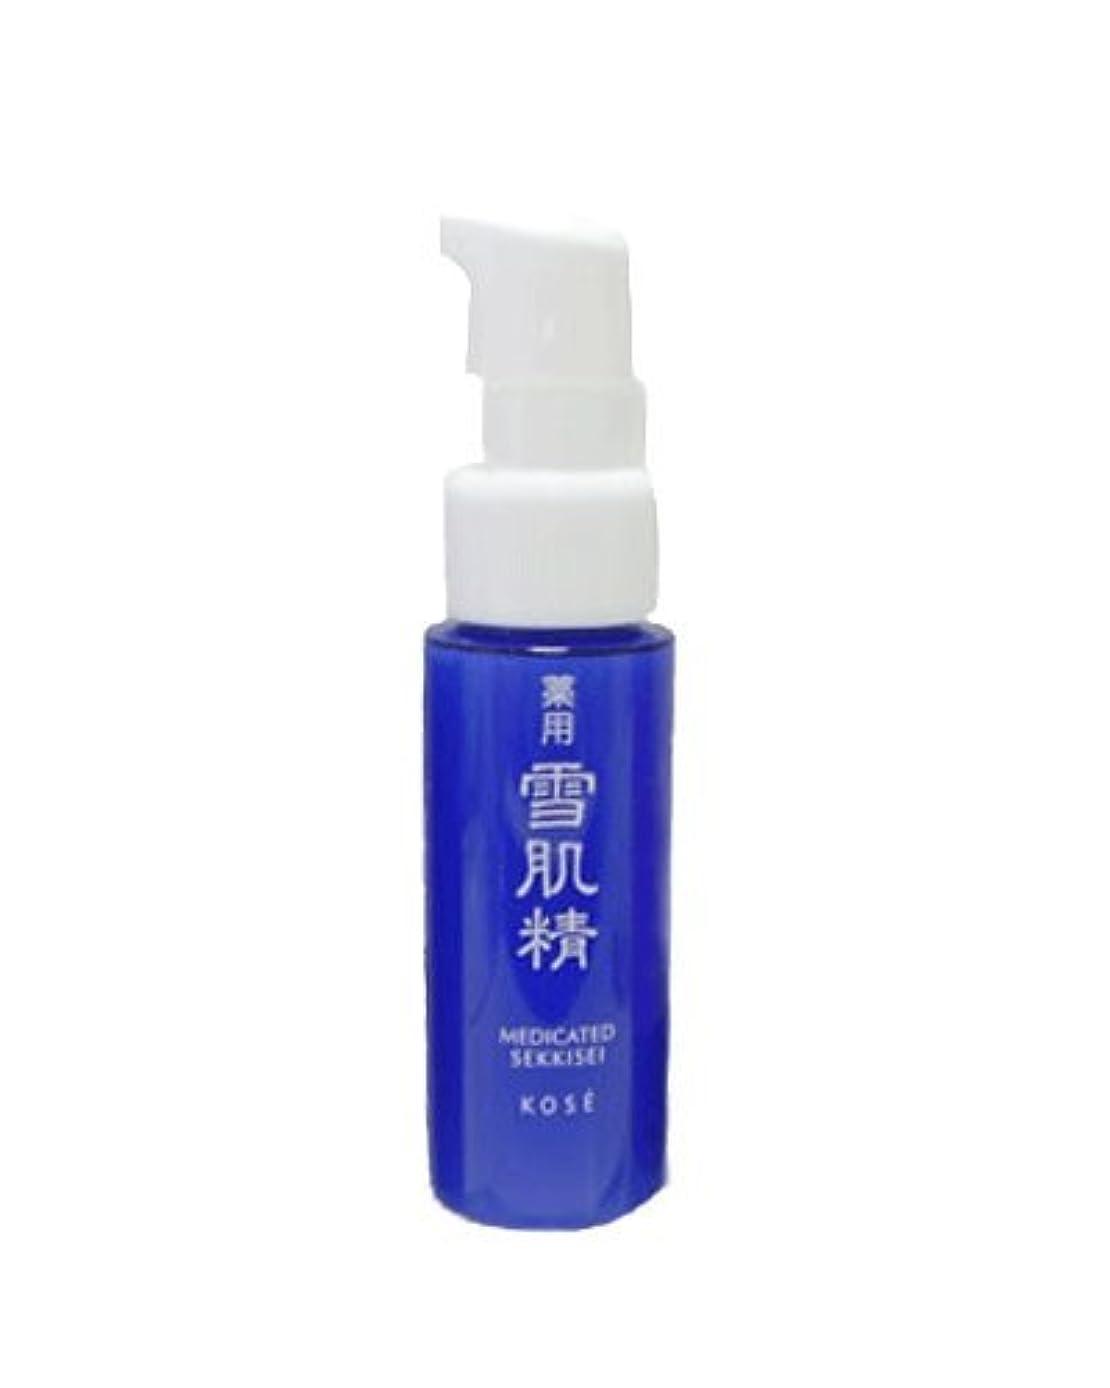 促進する層願望【コーセー】 薬用雪肌精 乳液 20ml 【ミニサイズ】